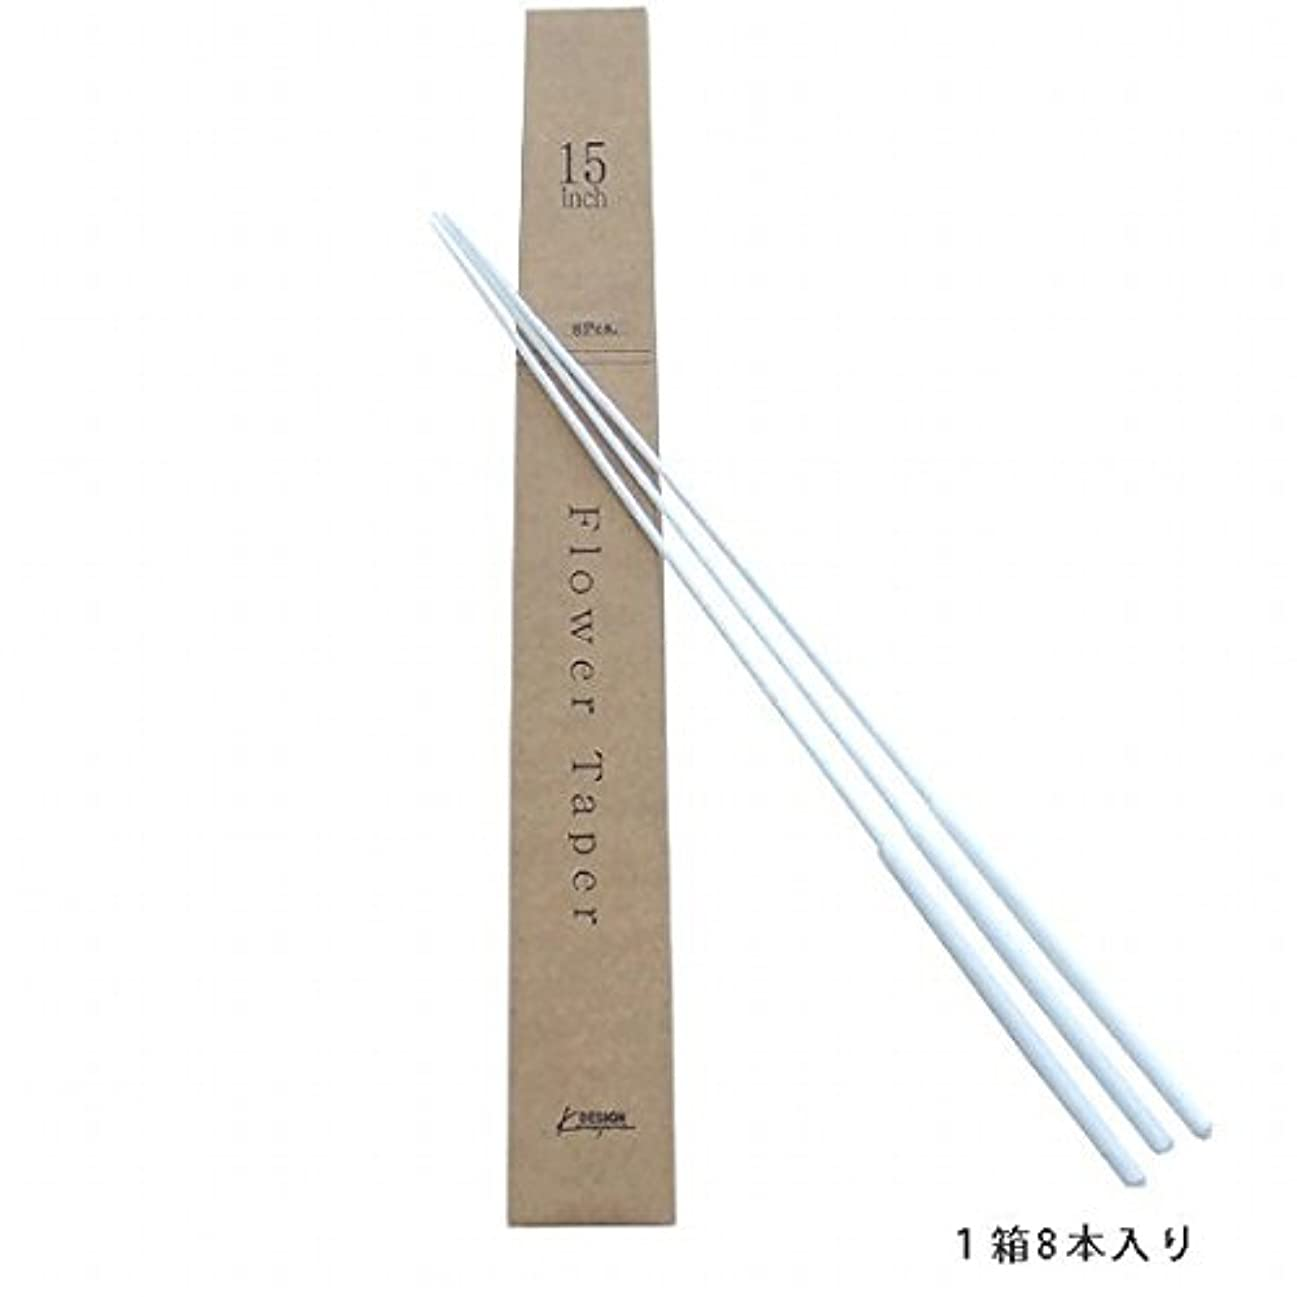 授業料表現レイアウトカメヤマキャンドル( kameyama candle ) 15インチトーチ用フラワーテーパー 8本入 「 ホワイト 」